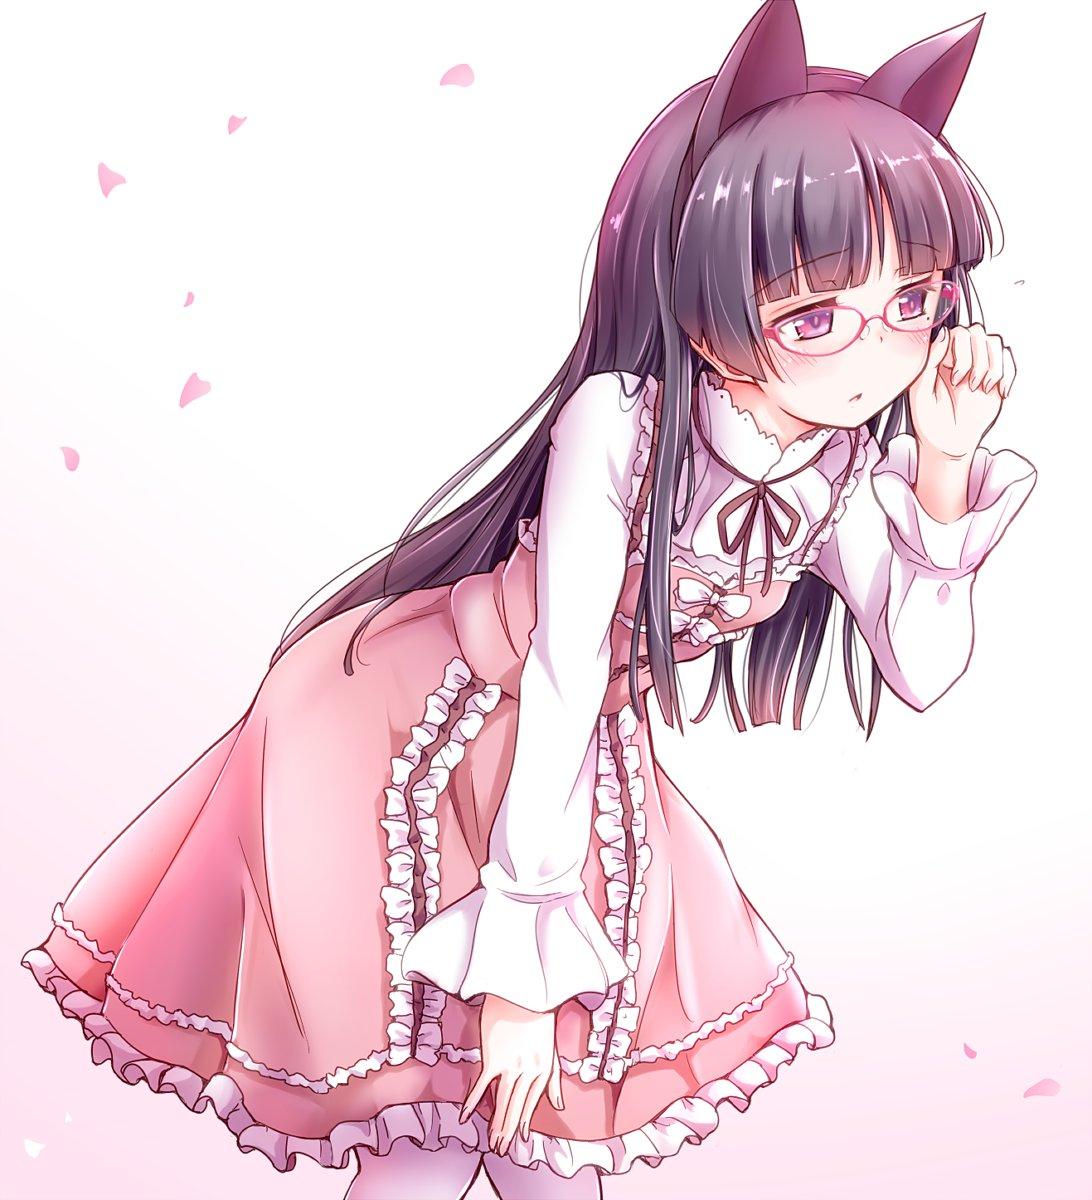 Oh!眼鏡分が足りてなかったですよ!プレゼントです、お誕生日おめでとう瑠璃先輩!#黒猫生誕祭2017 #五更瑠璃生誕祭2